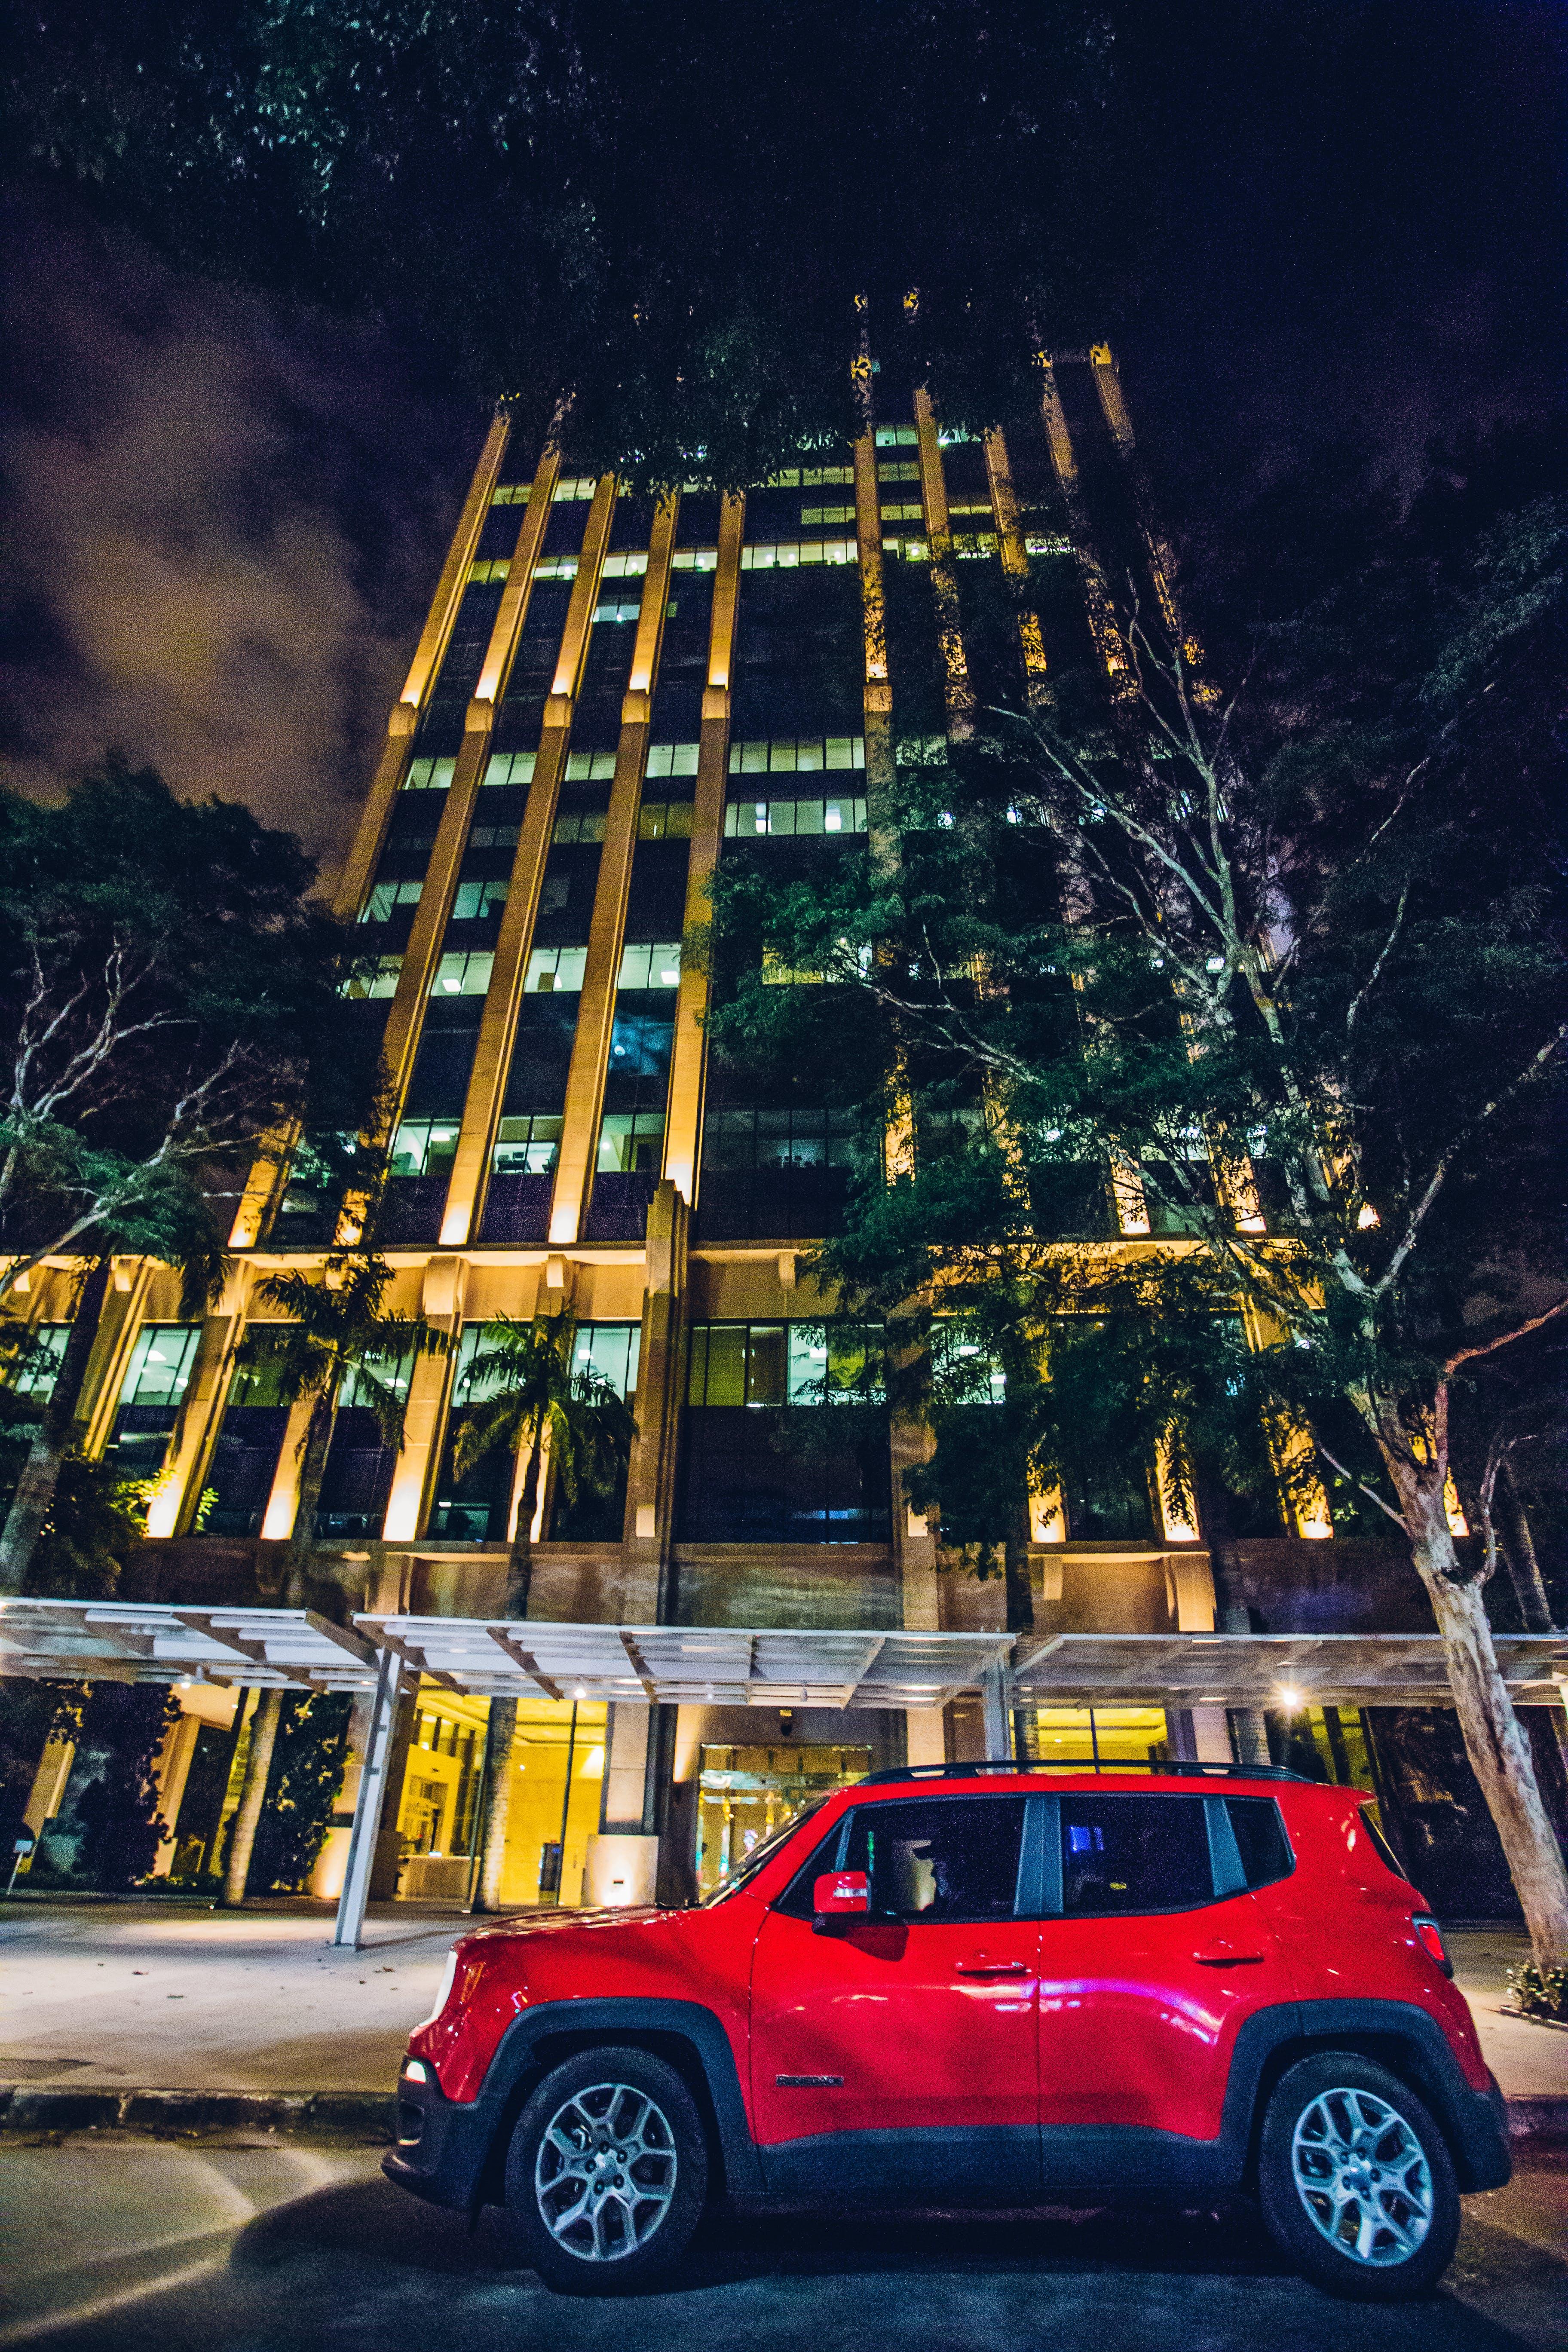 ağaçlar, akşam, araba, bina içeren Ücretsiz stok fotoğraf